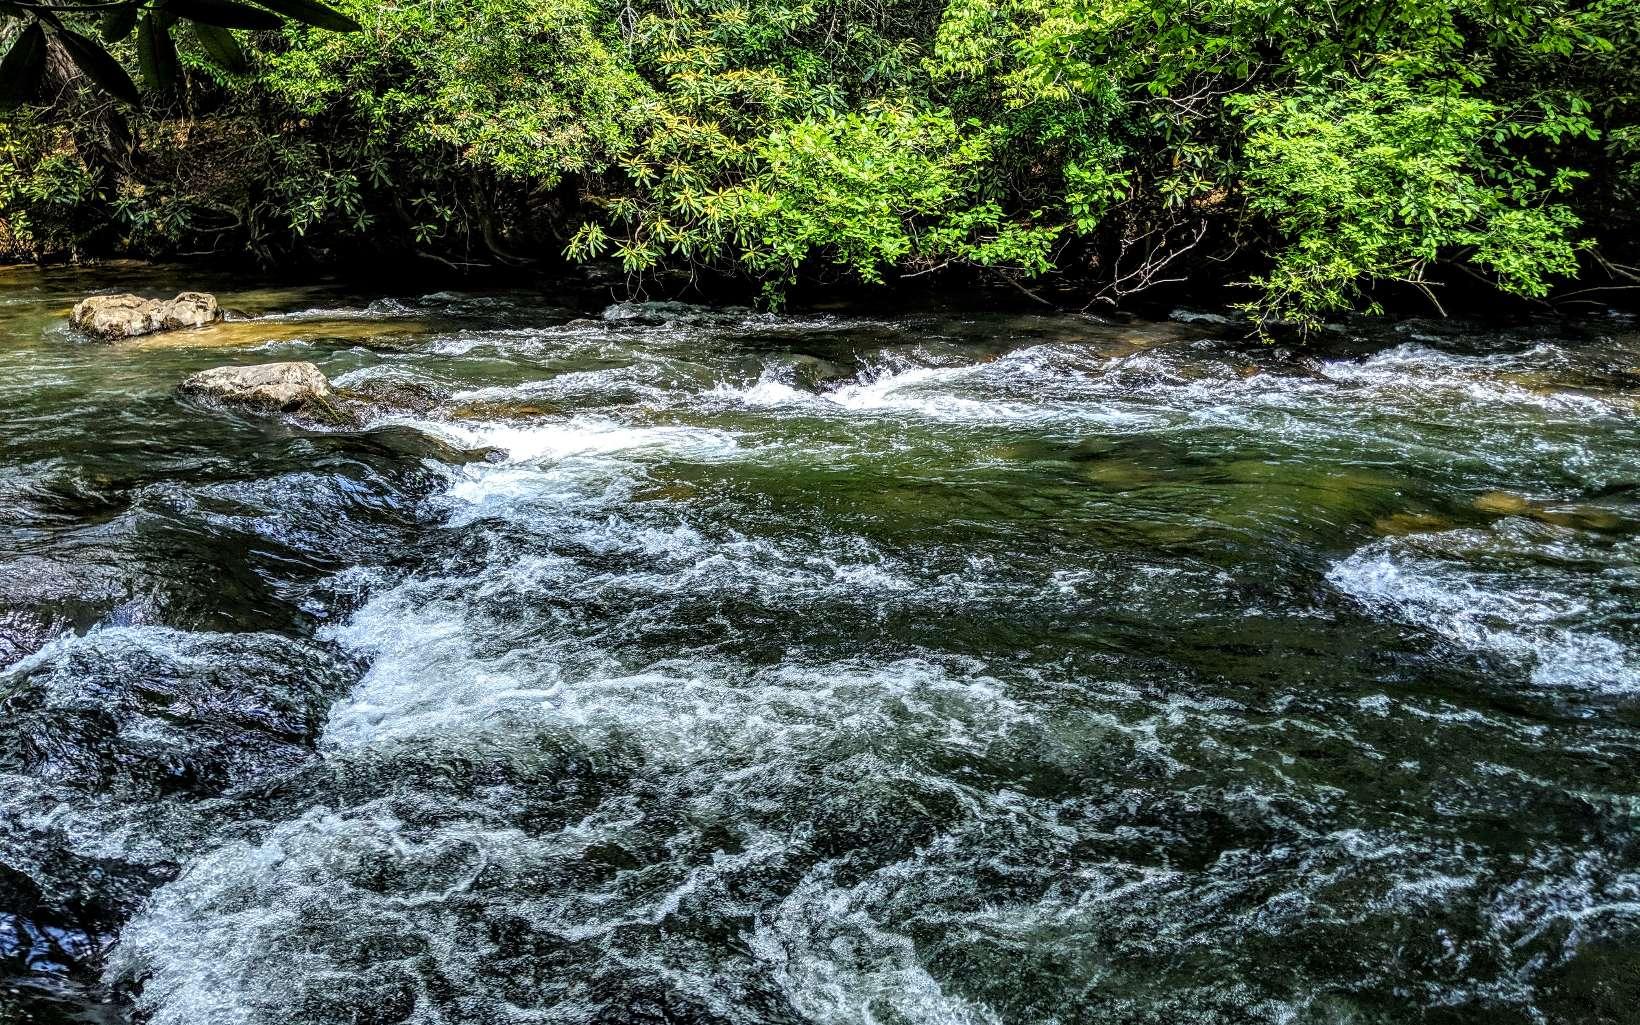 RIVER RIDGE MORELAND